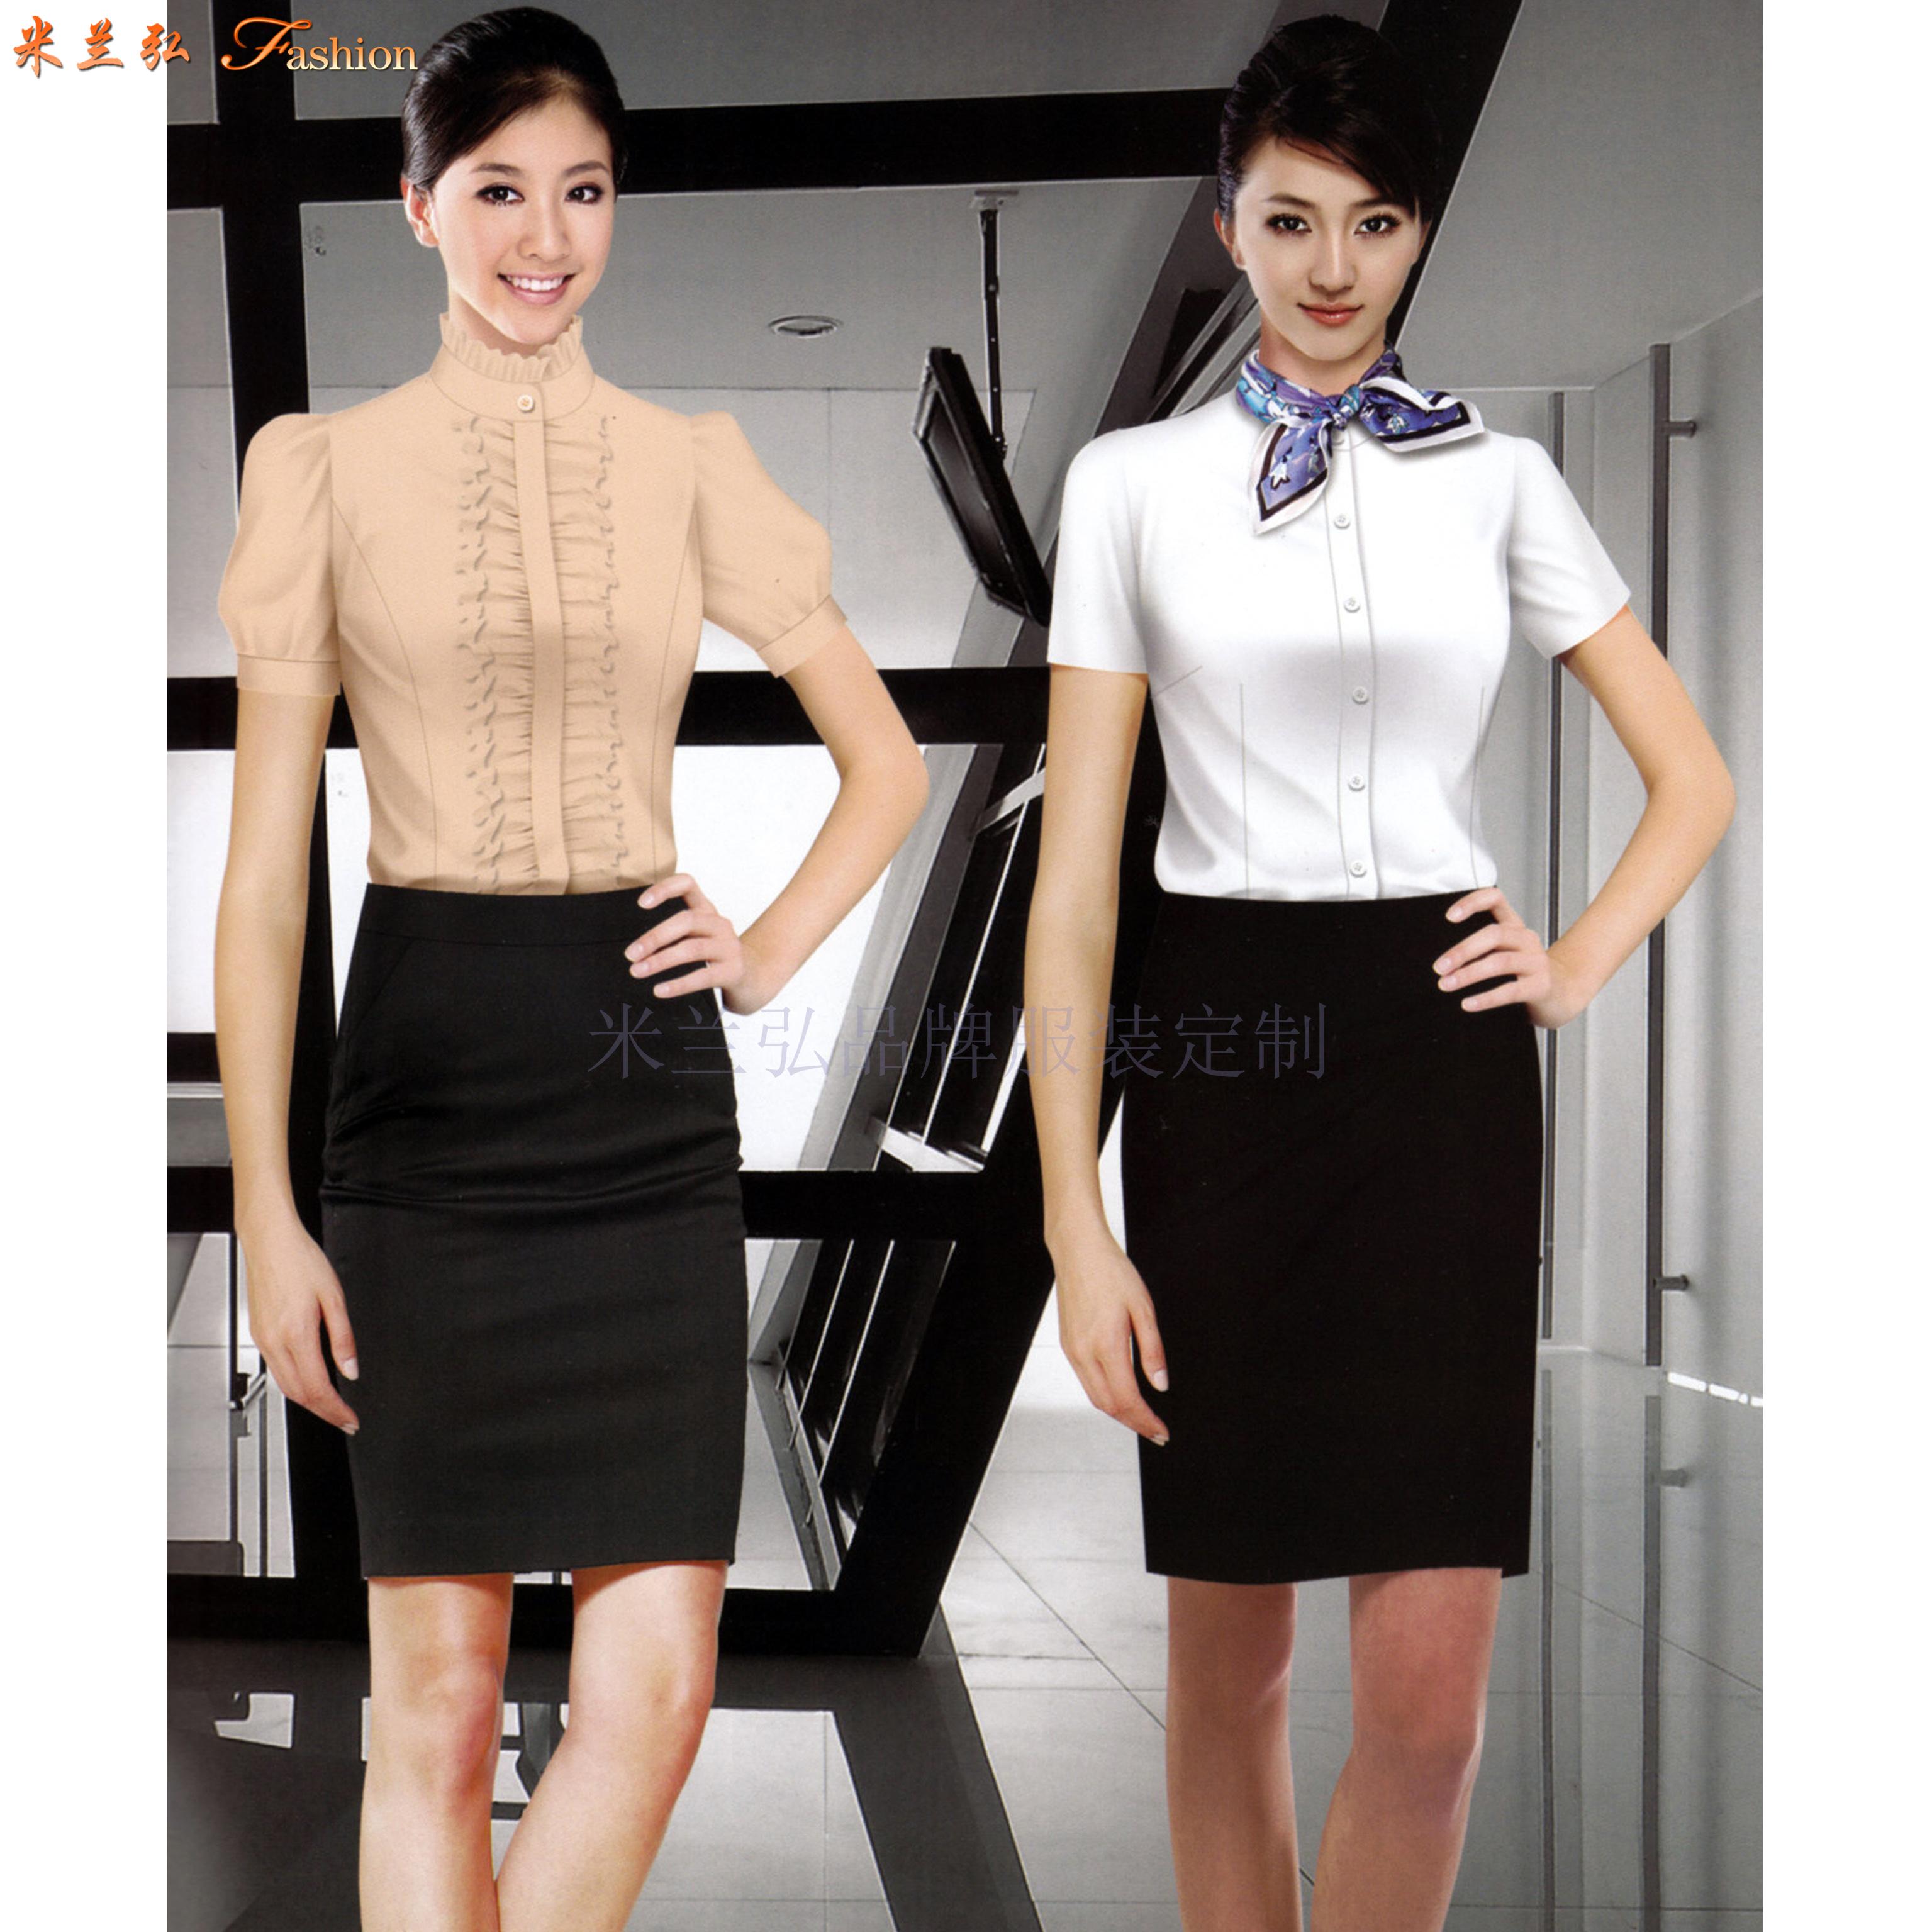 「上班衬衣定制」免费量体-推荐厂家直供米兰弘品牌服装-3